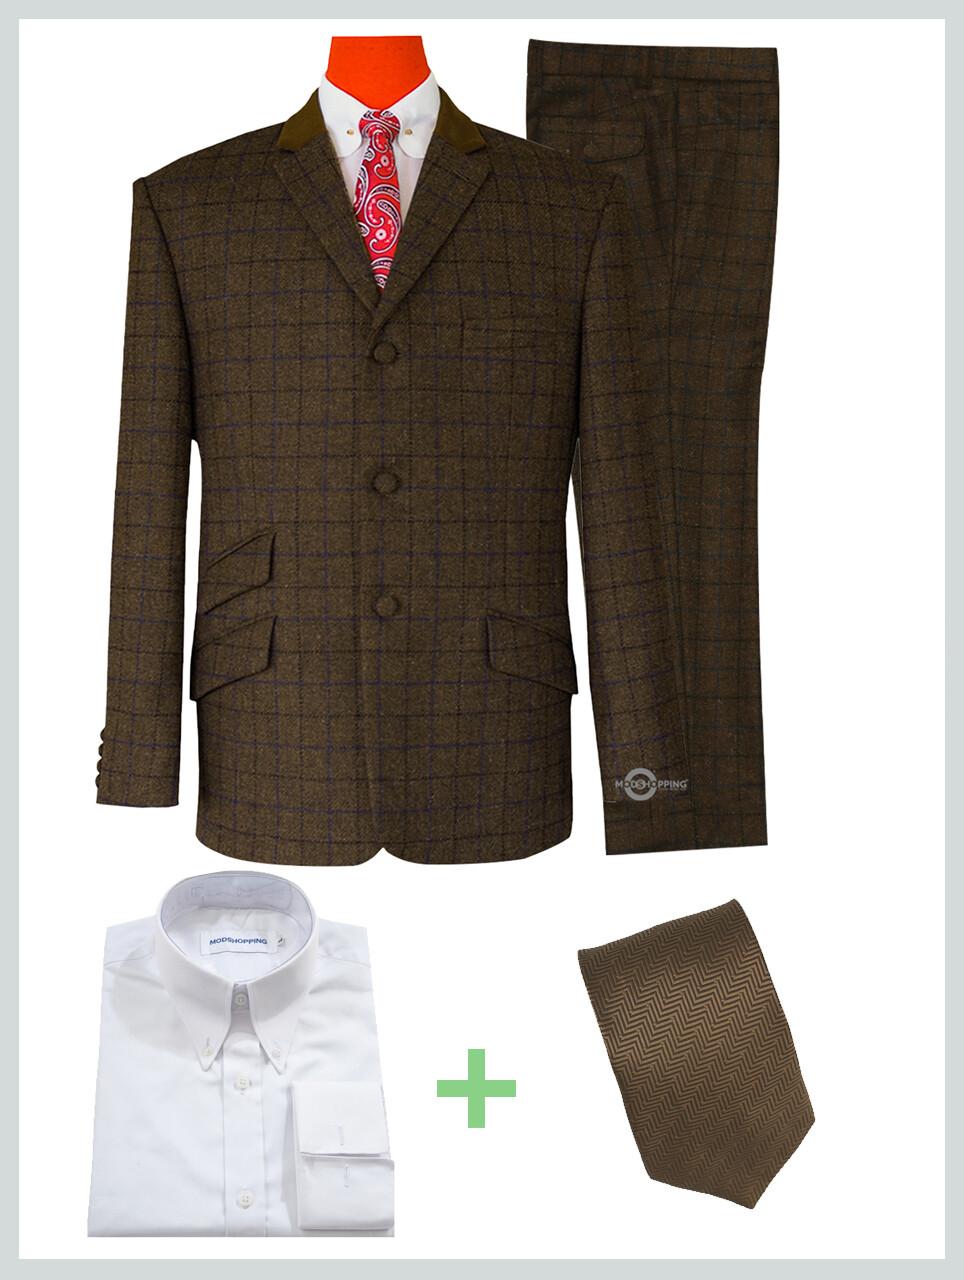 2 Piece Suit Package | Coffee Brown Tweed Stuning Shadow Check Suit.